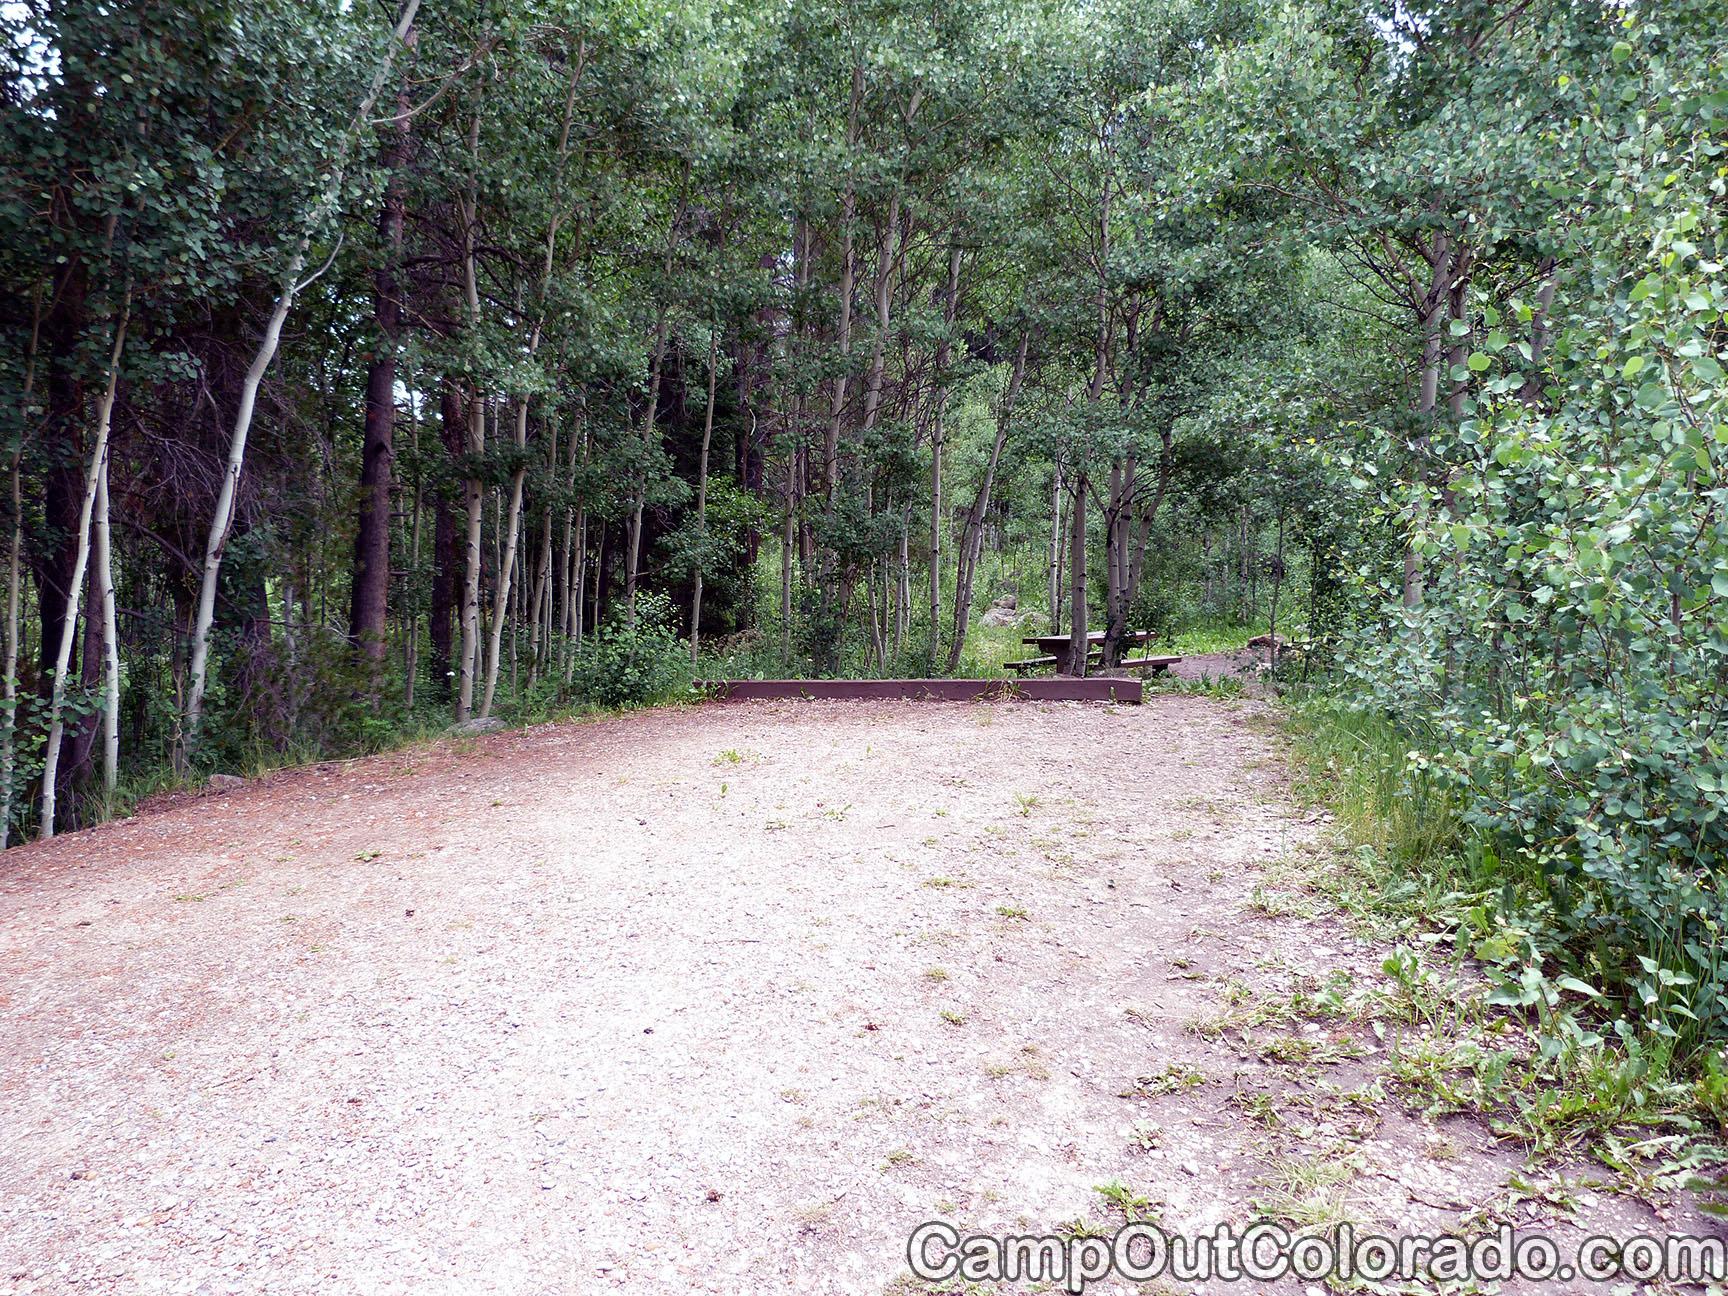 Campground-camper-site 1